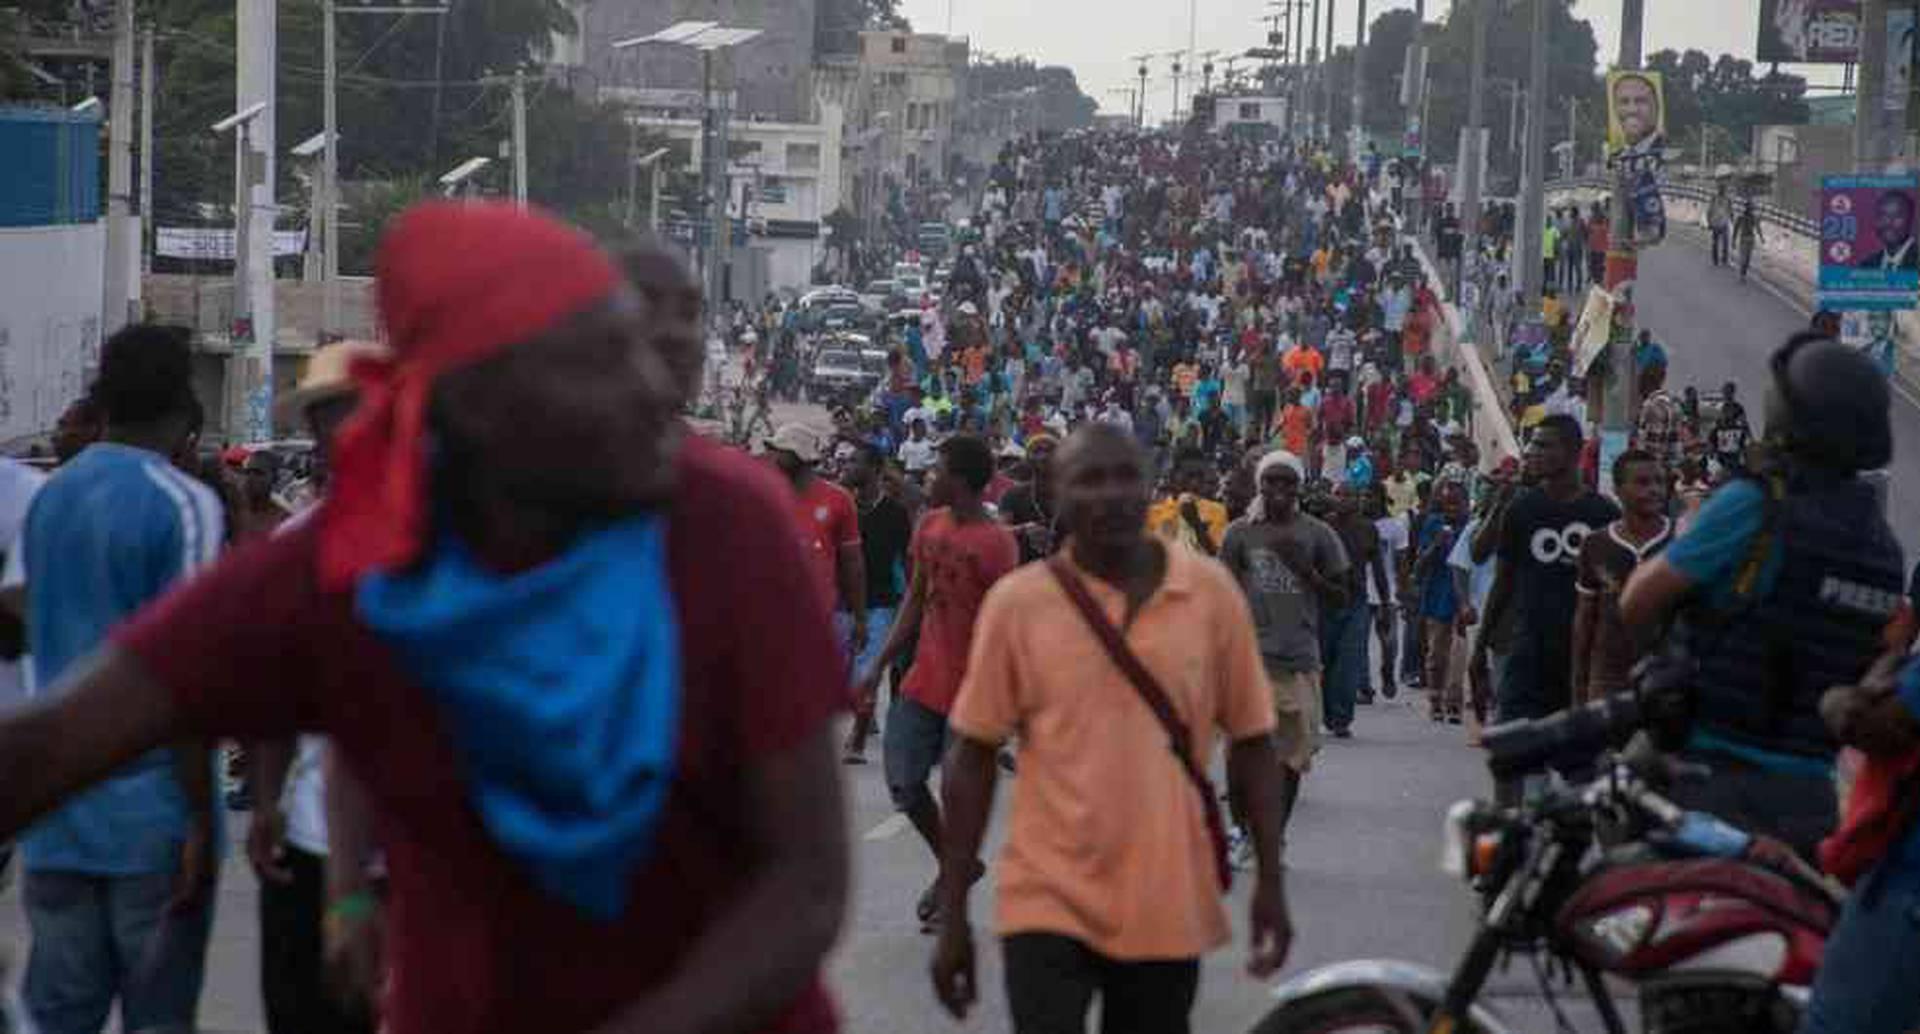 La pobreza, la corrupción, los desastres naturales y la violencia, dificultan a los haitianos vivir en paz.